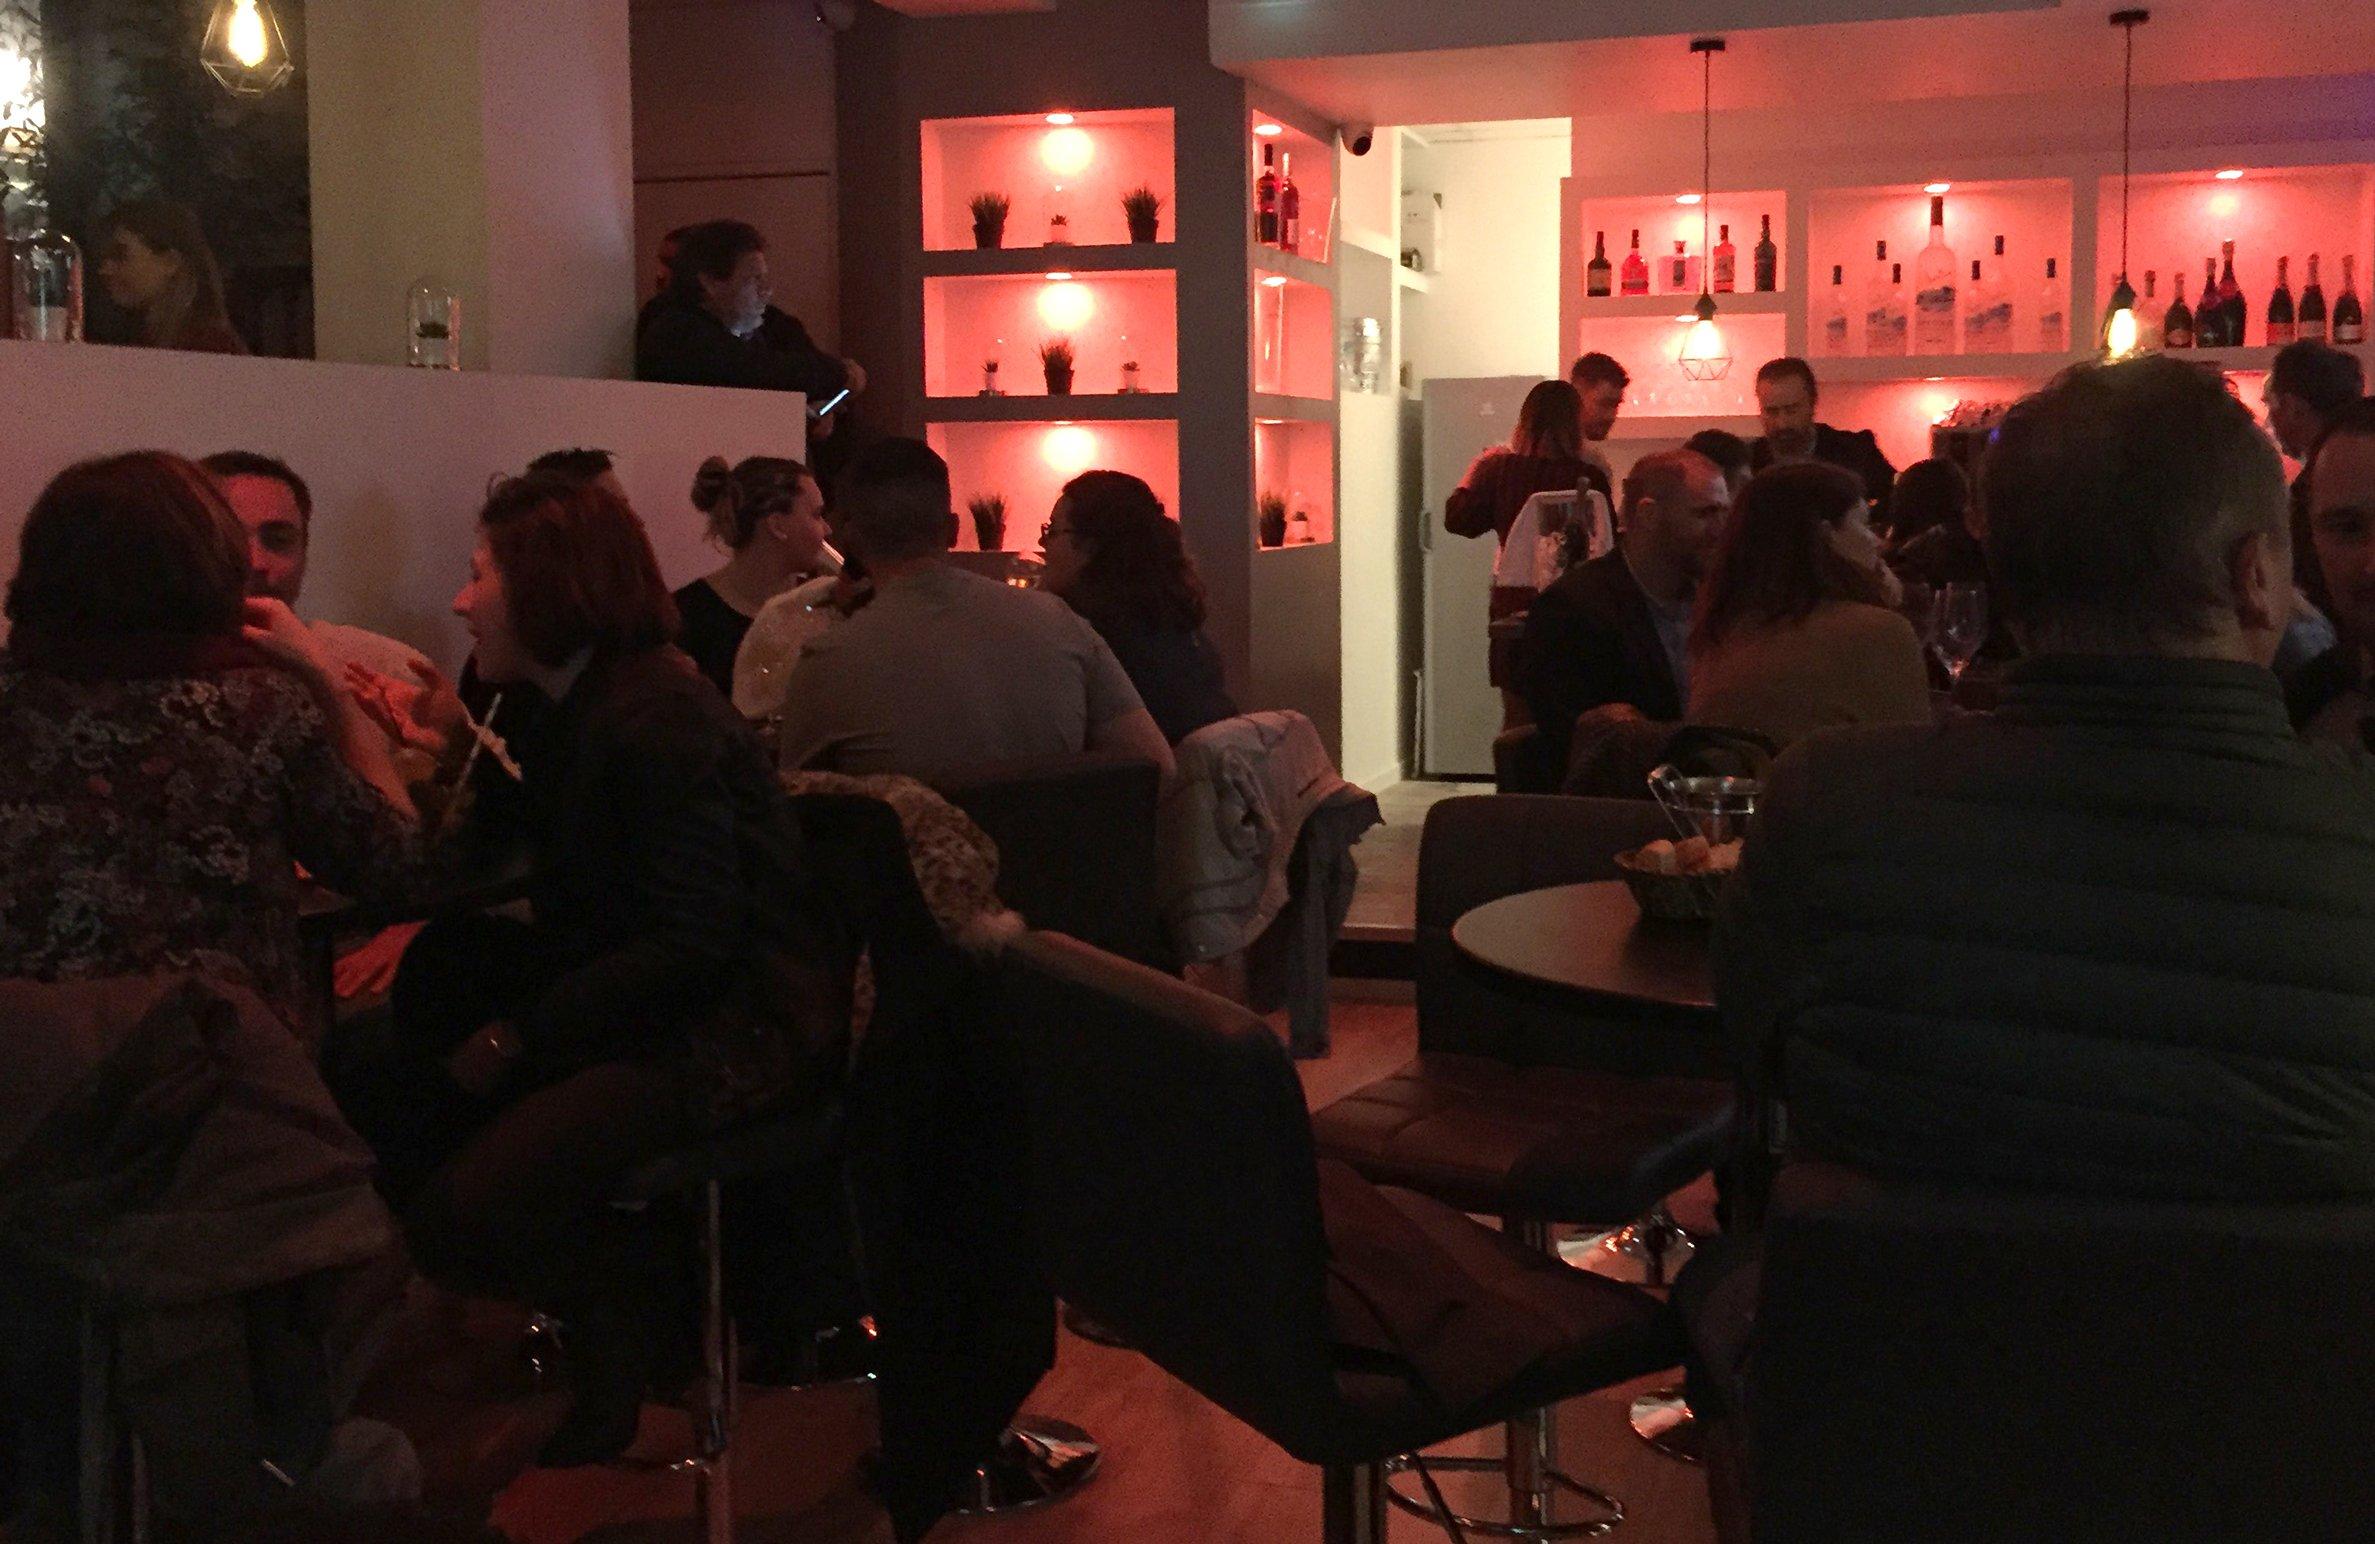 O'Millésime, le nouveau bar chic d'Orléans 10